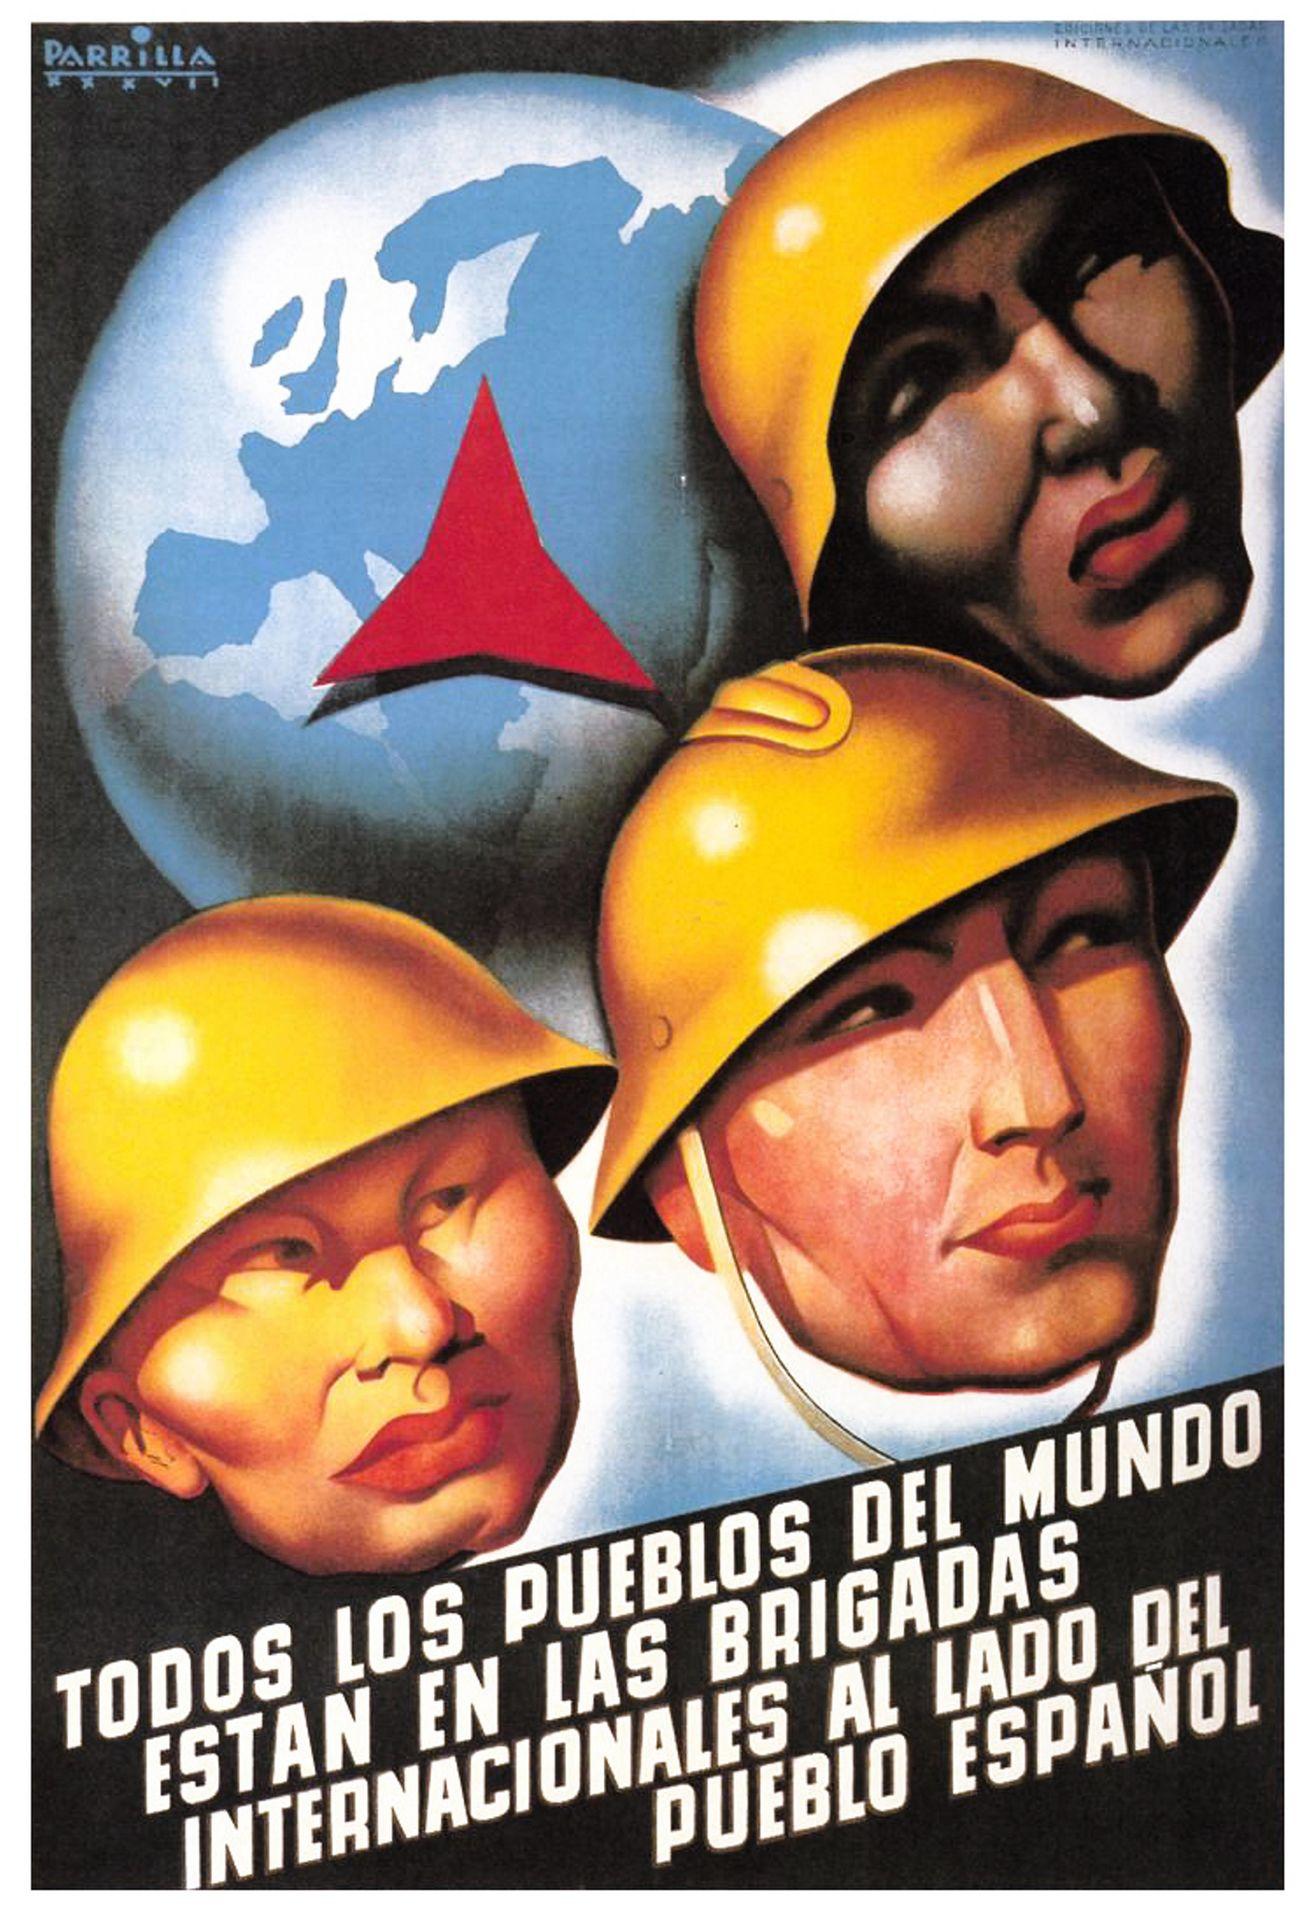 brigadas-internacionales-cartel.jpg